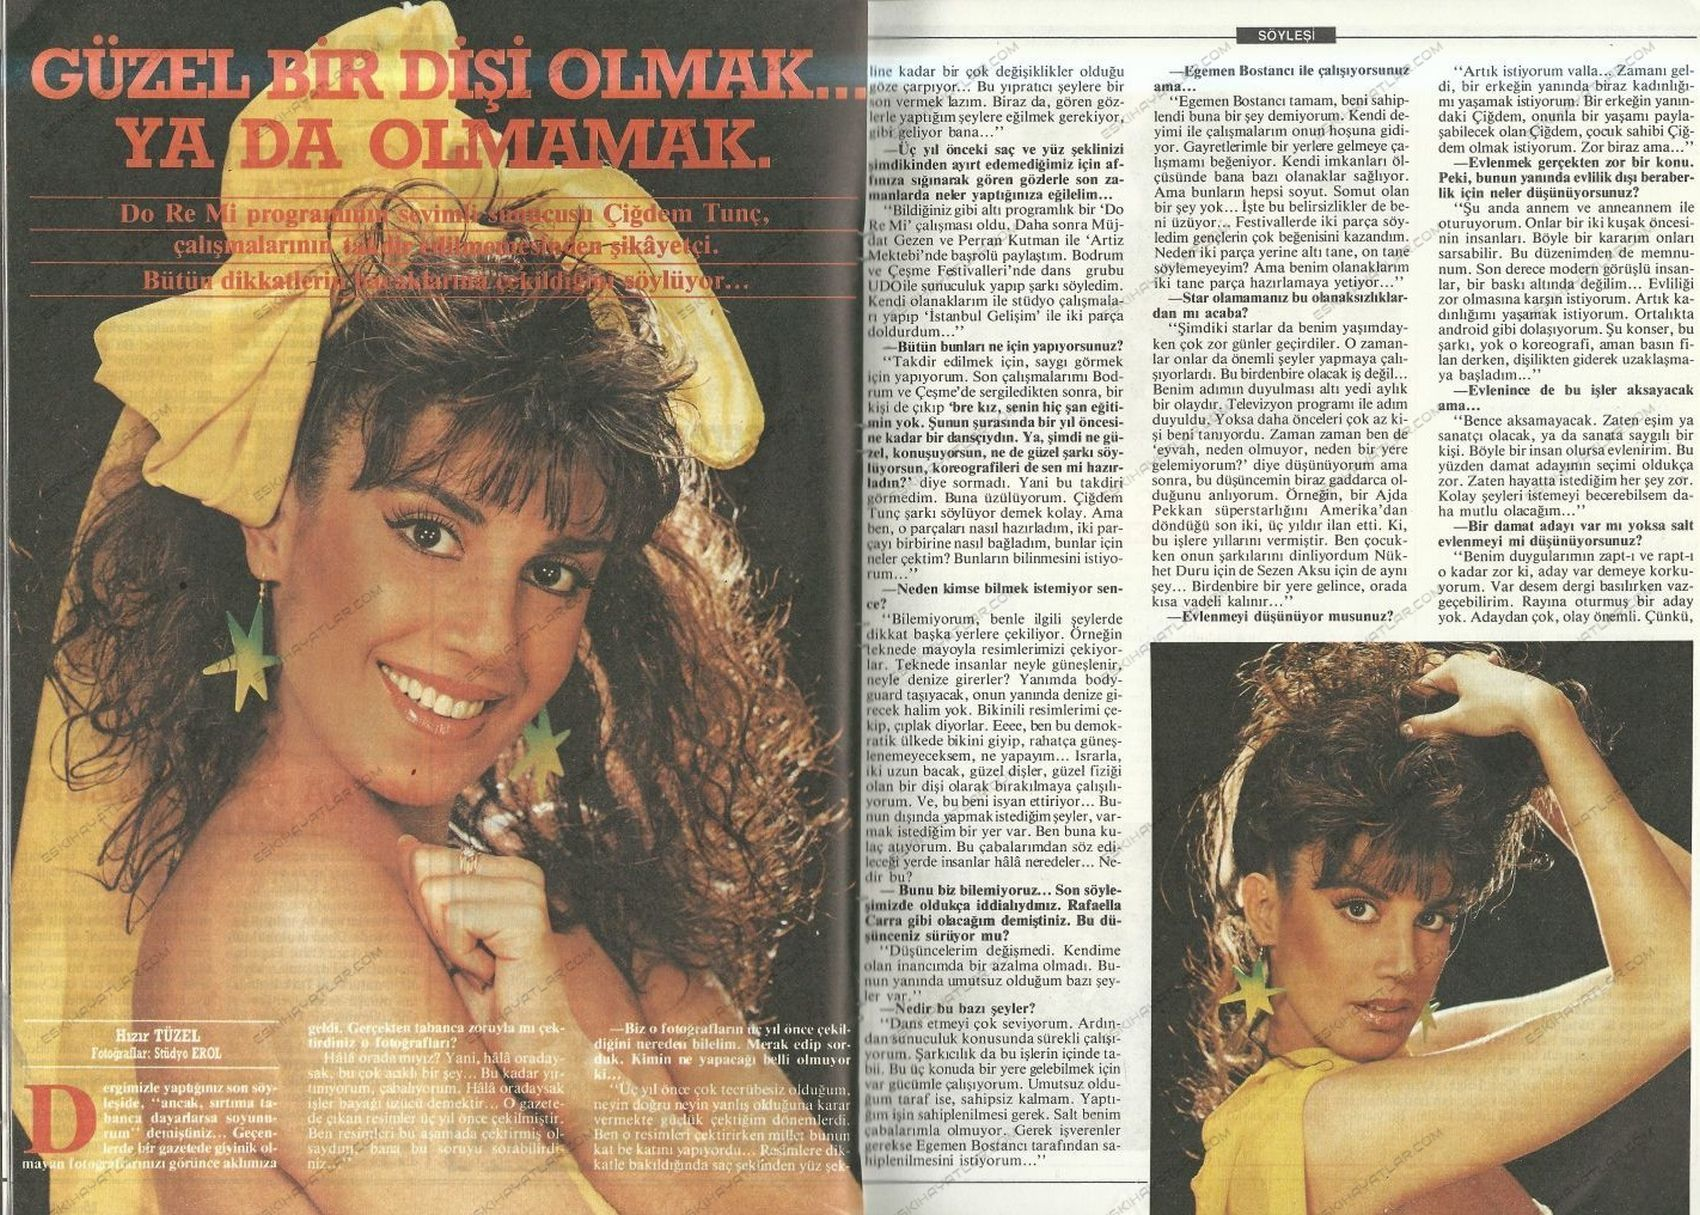 0329-cigdem-tunc-do-re-mi-programi-trt-1985-kadinca-dergisi-erol-atar-fotograflari-studyo-erol (5)